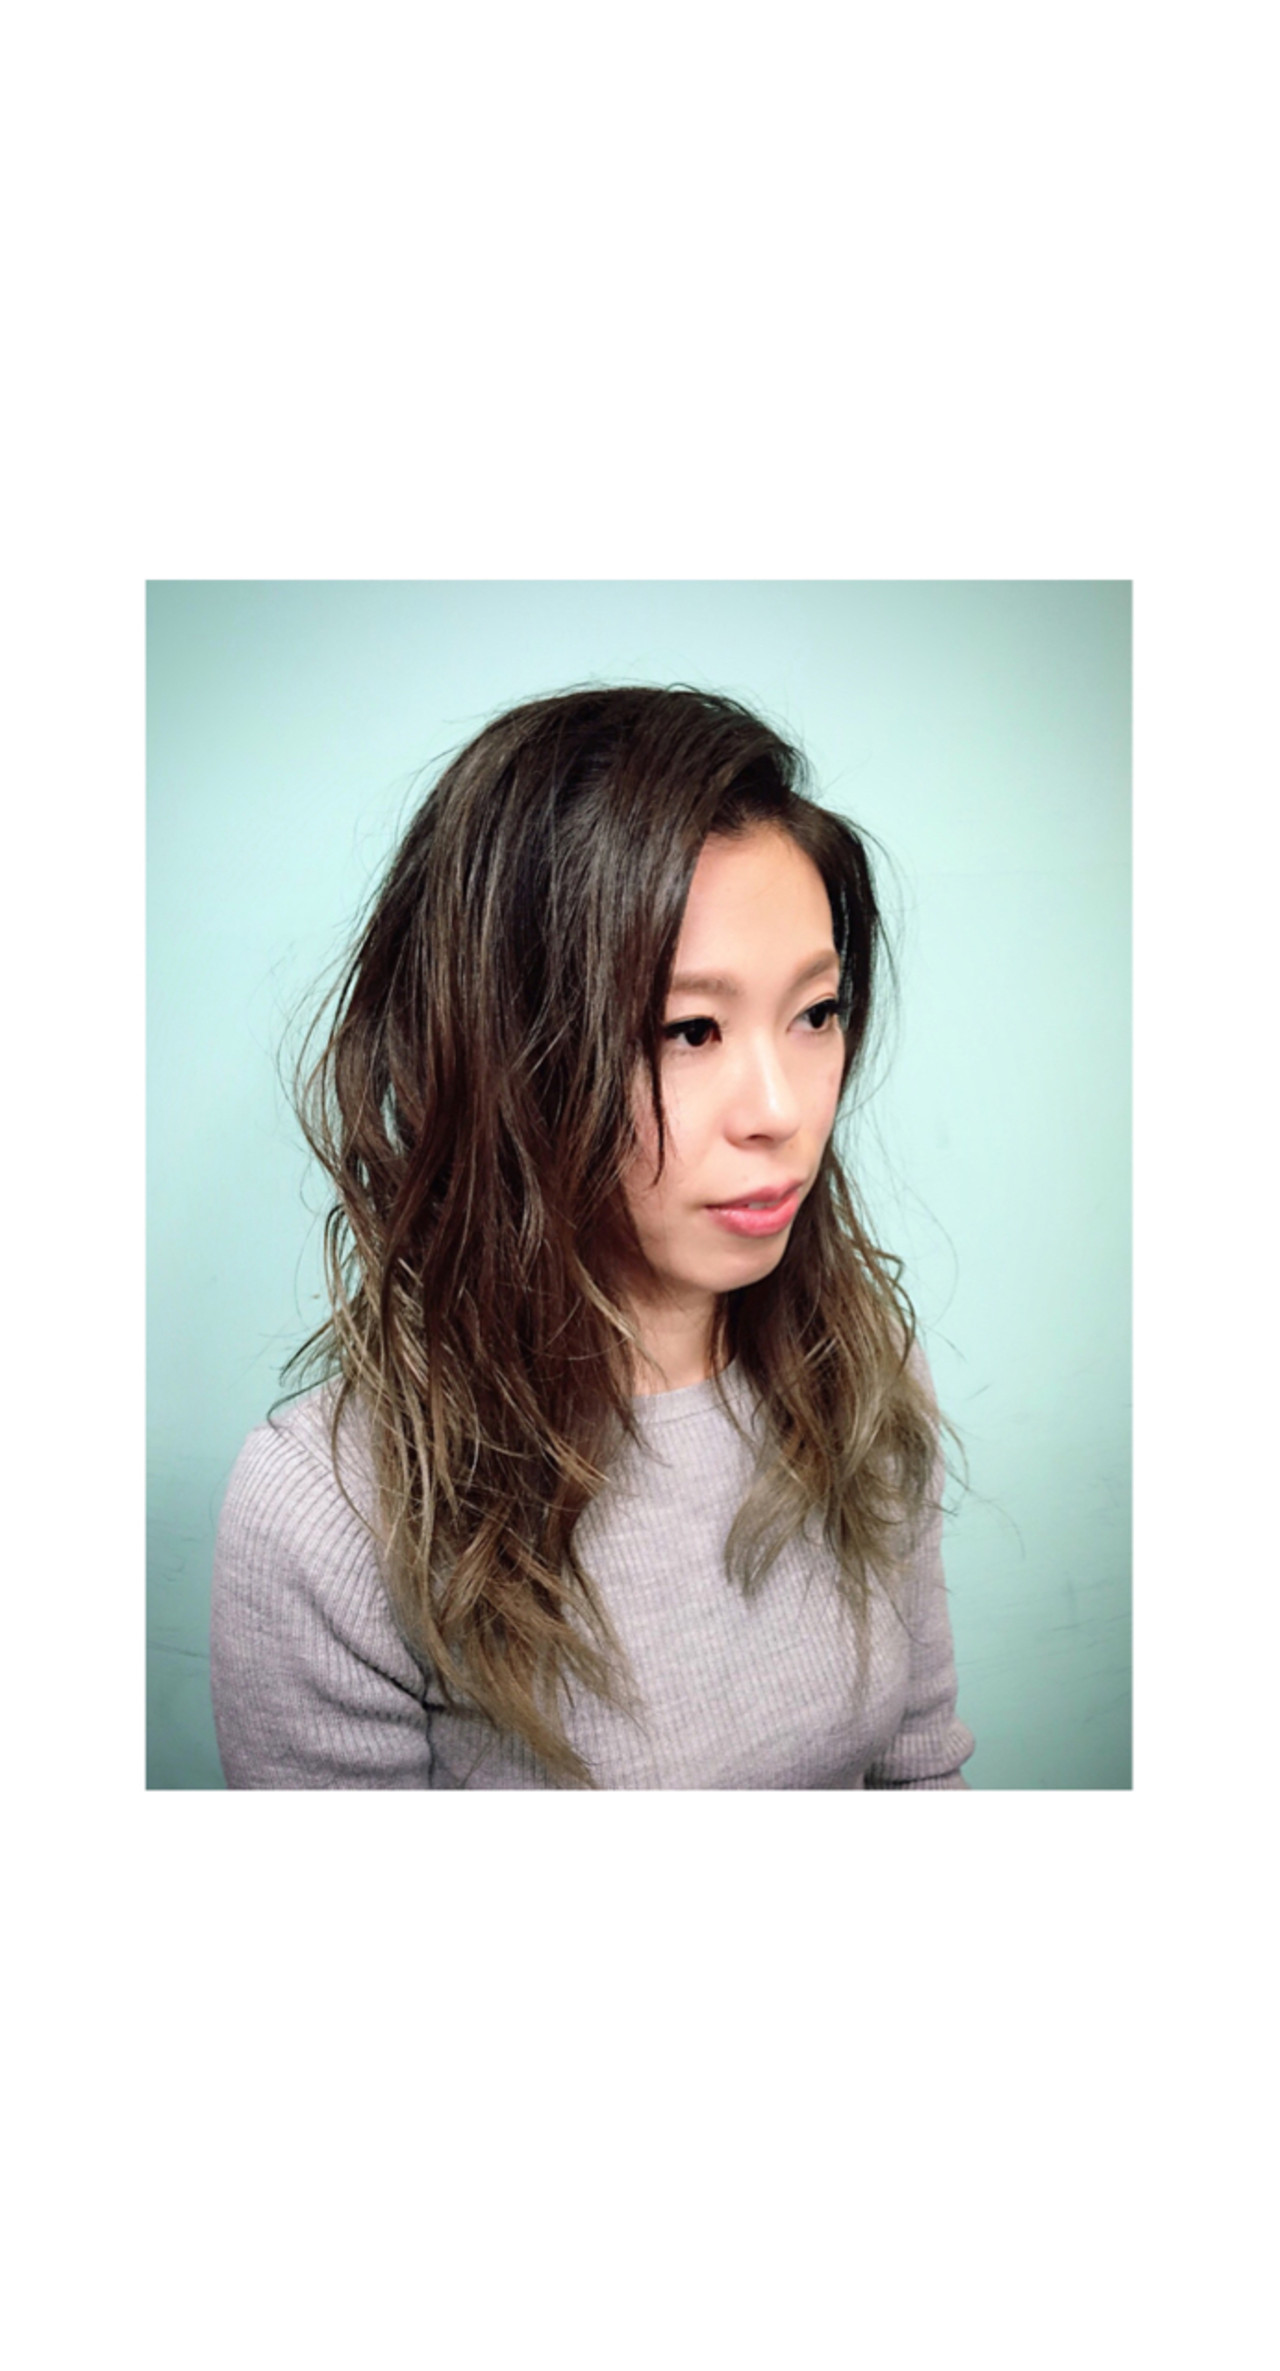 セミロング 外国人風 ヘアアレンジ ナチュラルヘアスタイルや髪型の写真・画像